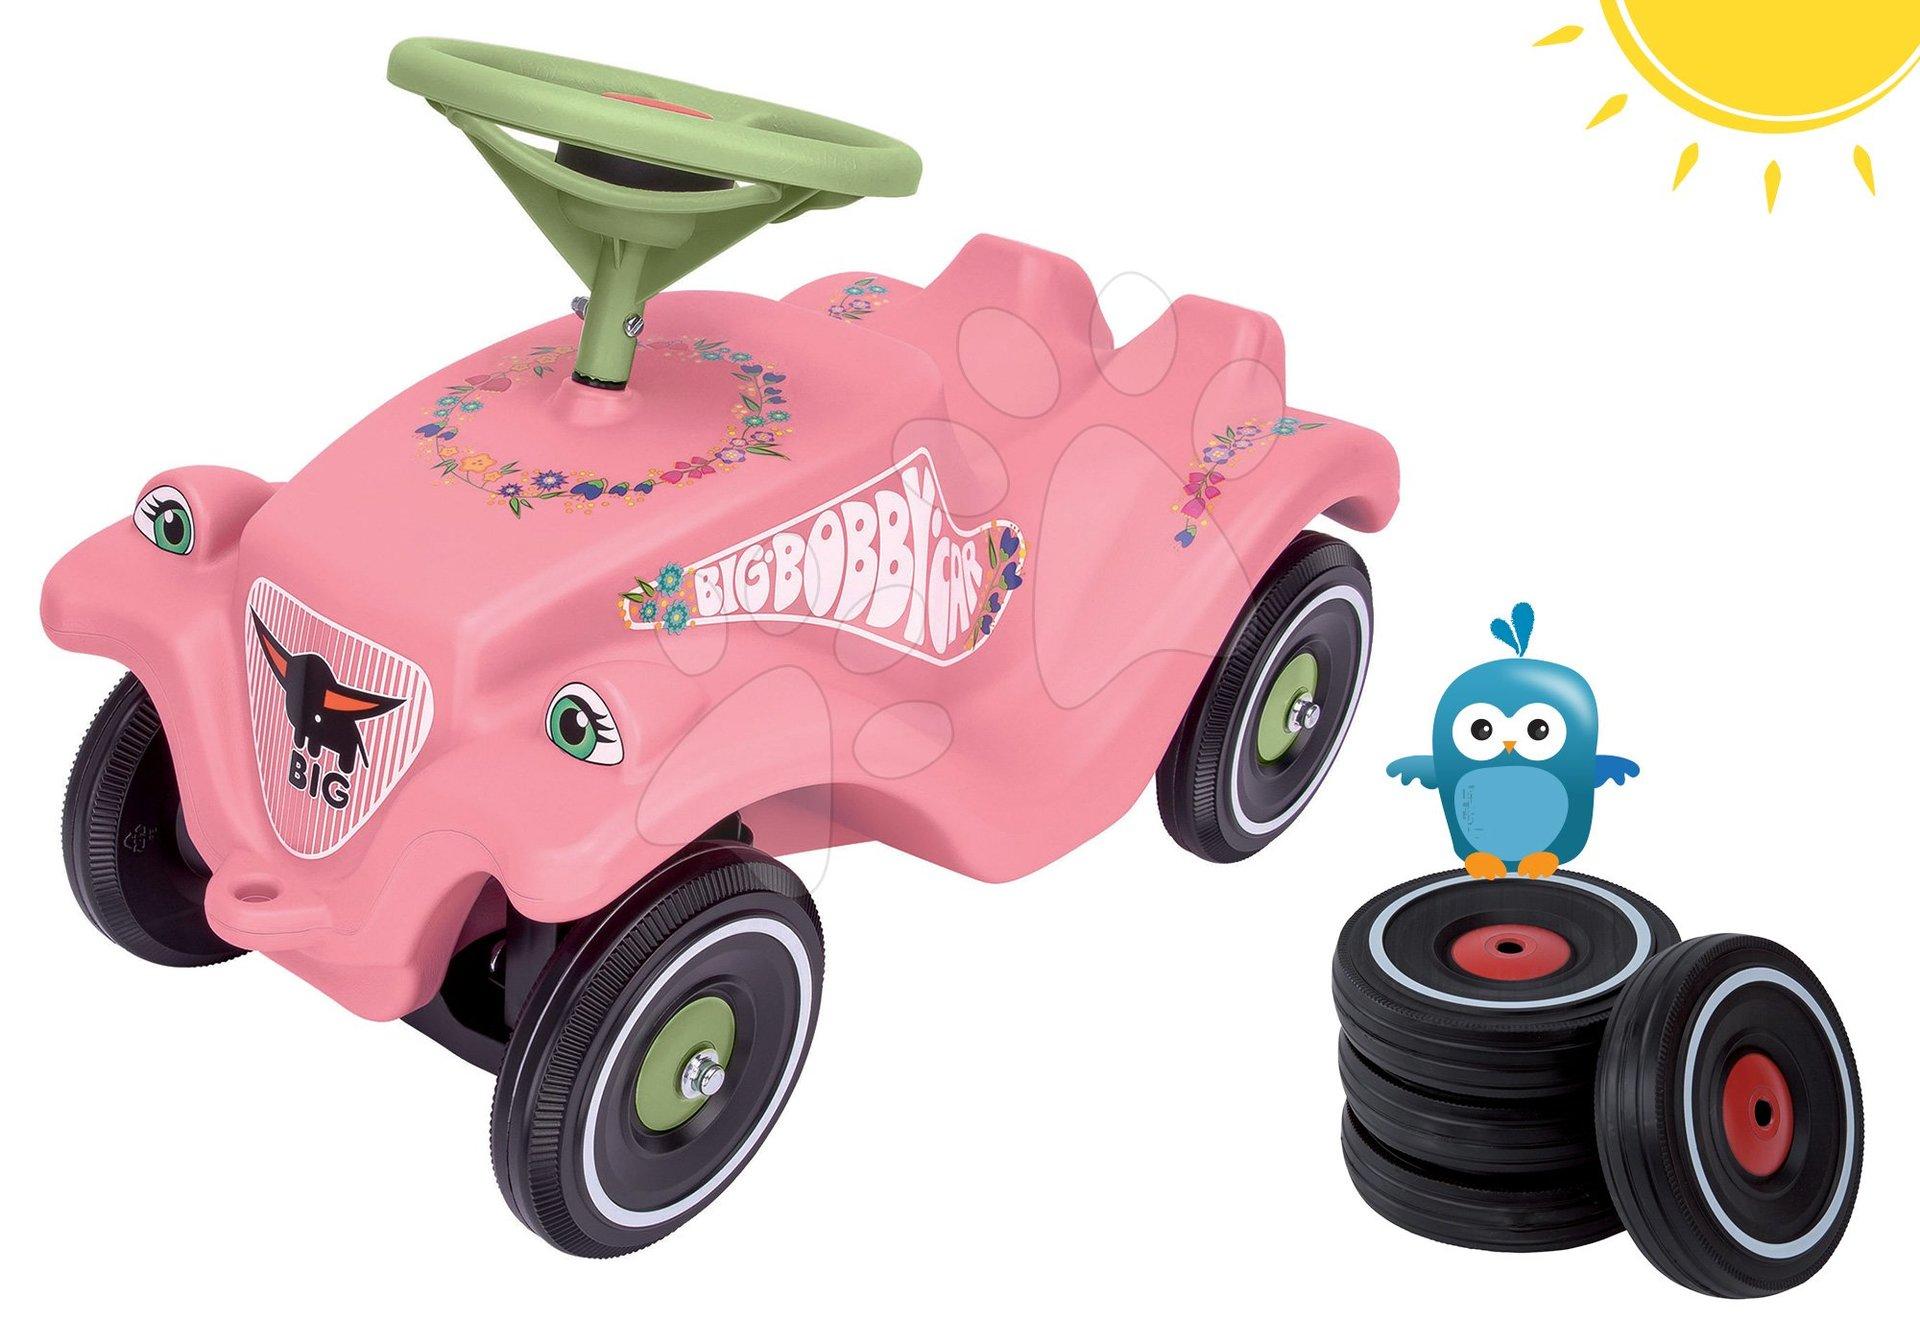 BIG set odrážadlo Flower Bobby Classic Car s klaksónom a náhradné kolesá s tichým chodom 56110-1